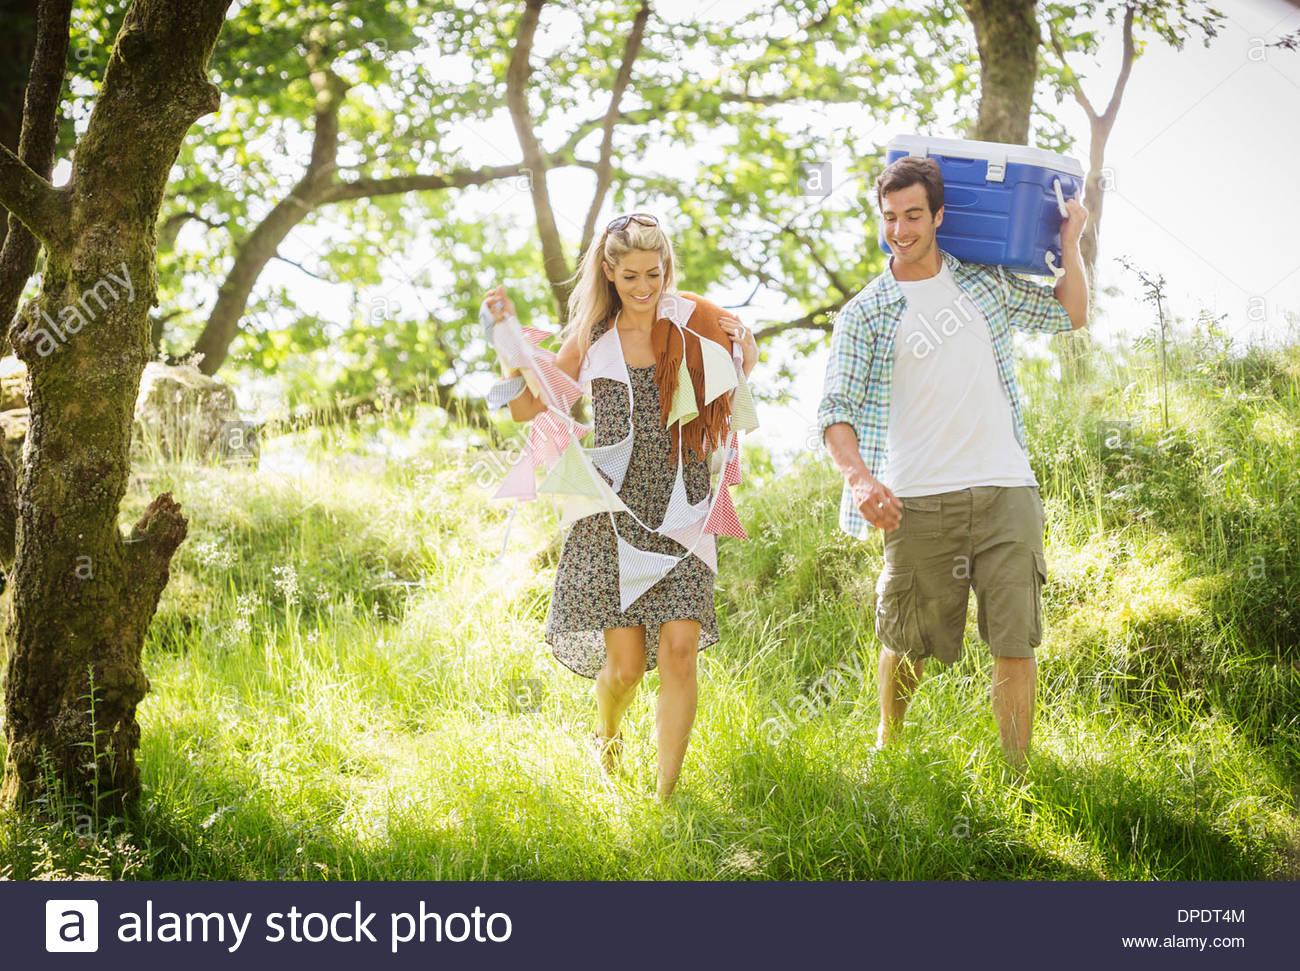 Junges Paar im Wald mit Girlanden und Kühlbox Stockbild